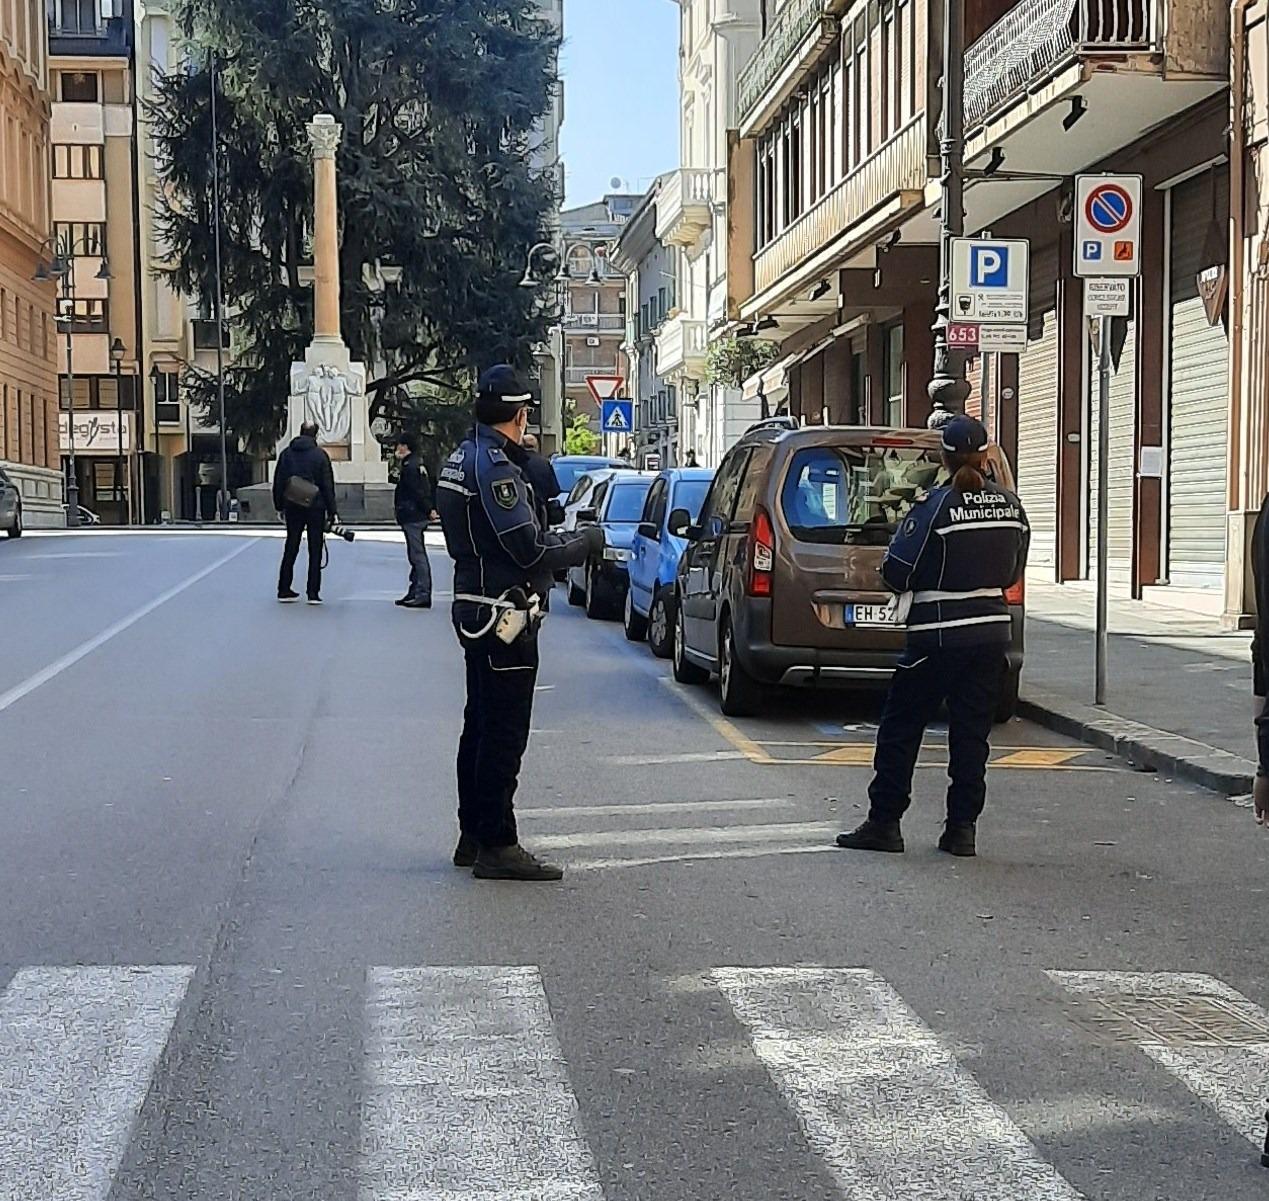 Lotta ai furbetti del sacchetto, beccati e sanzionati per 600 euro